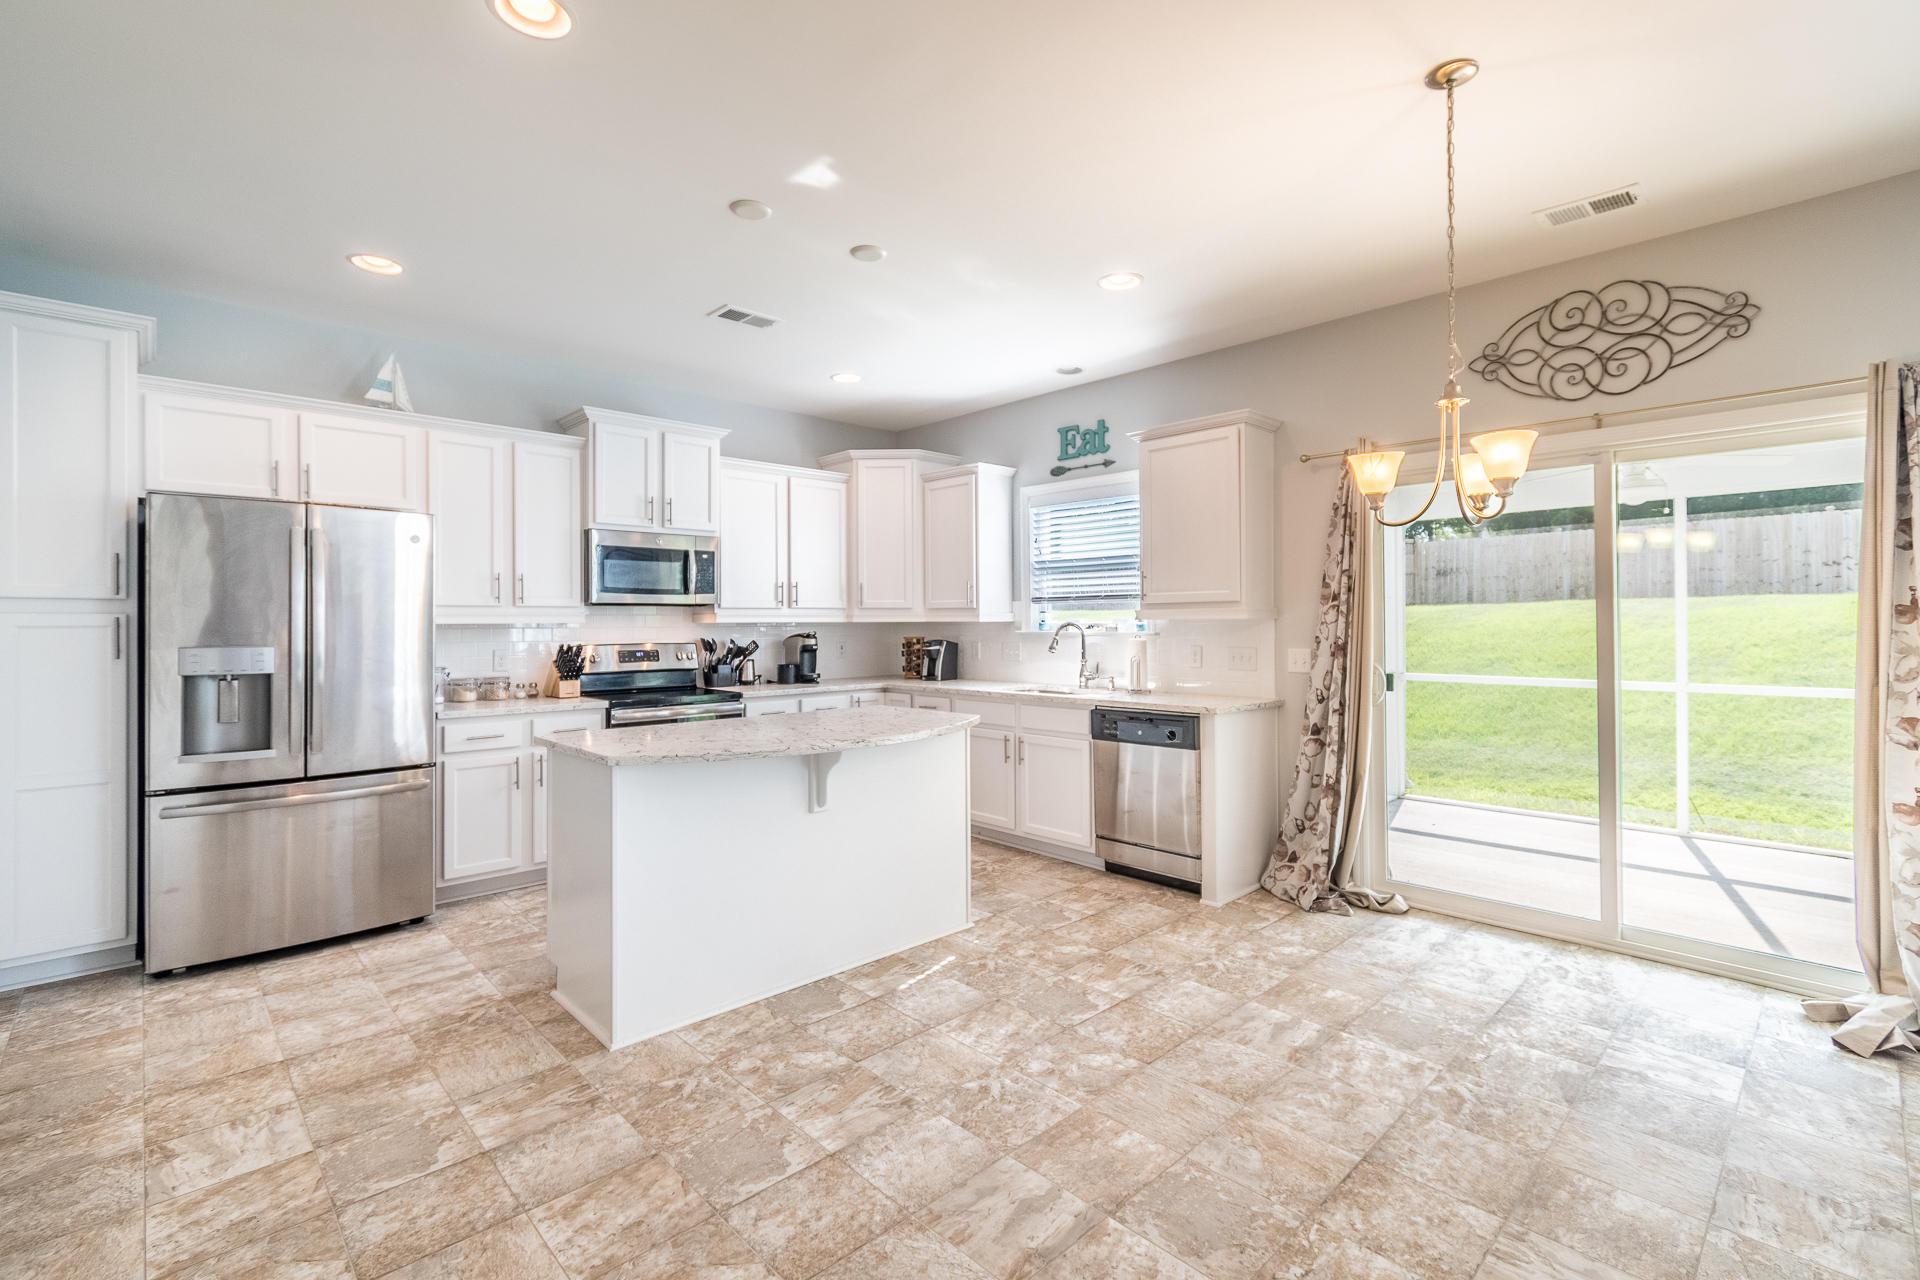 Sunnyfield Homes For Sale - 100 Medford, Summerville, SC - 30